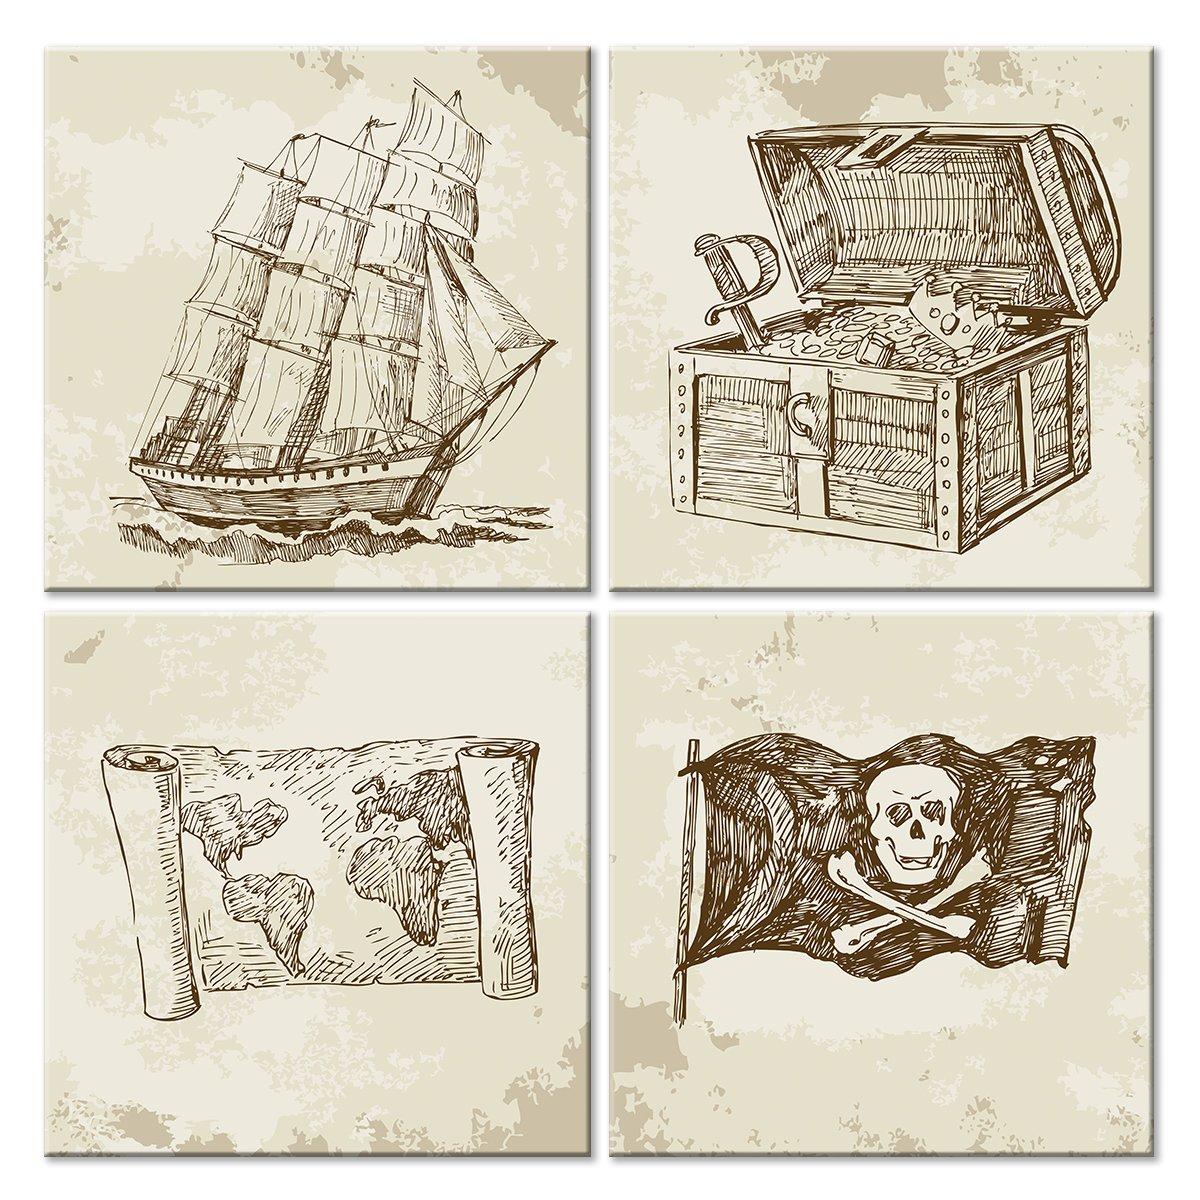 Модульная картина «Пираты»Детские<br>Модульная картина на натуральном холсте и деревянном подрамнике. Подвес в комплекте. Трехслойная надежная упаковка. Доставим в любую точку России. Вам осталось только повесить картину на стену!<br>